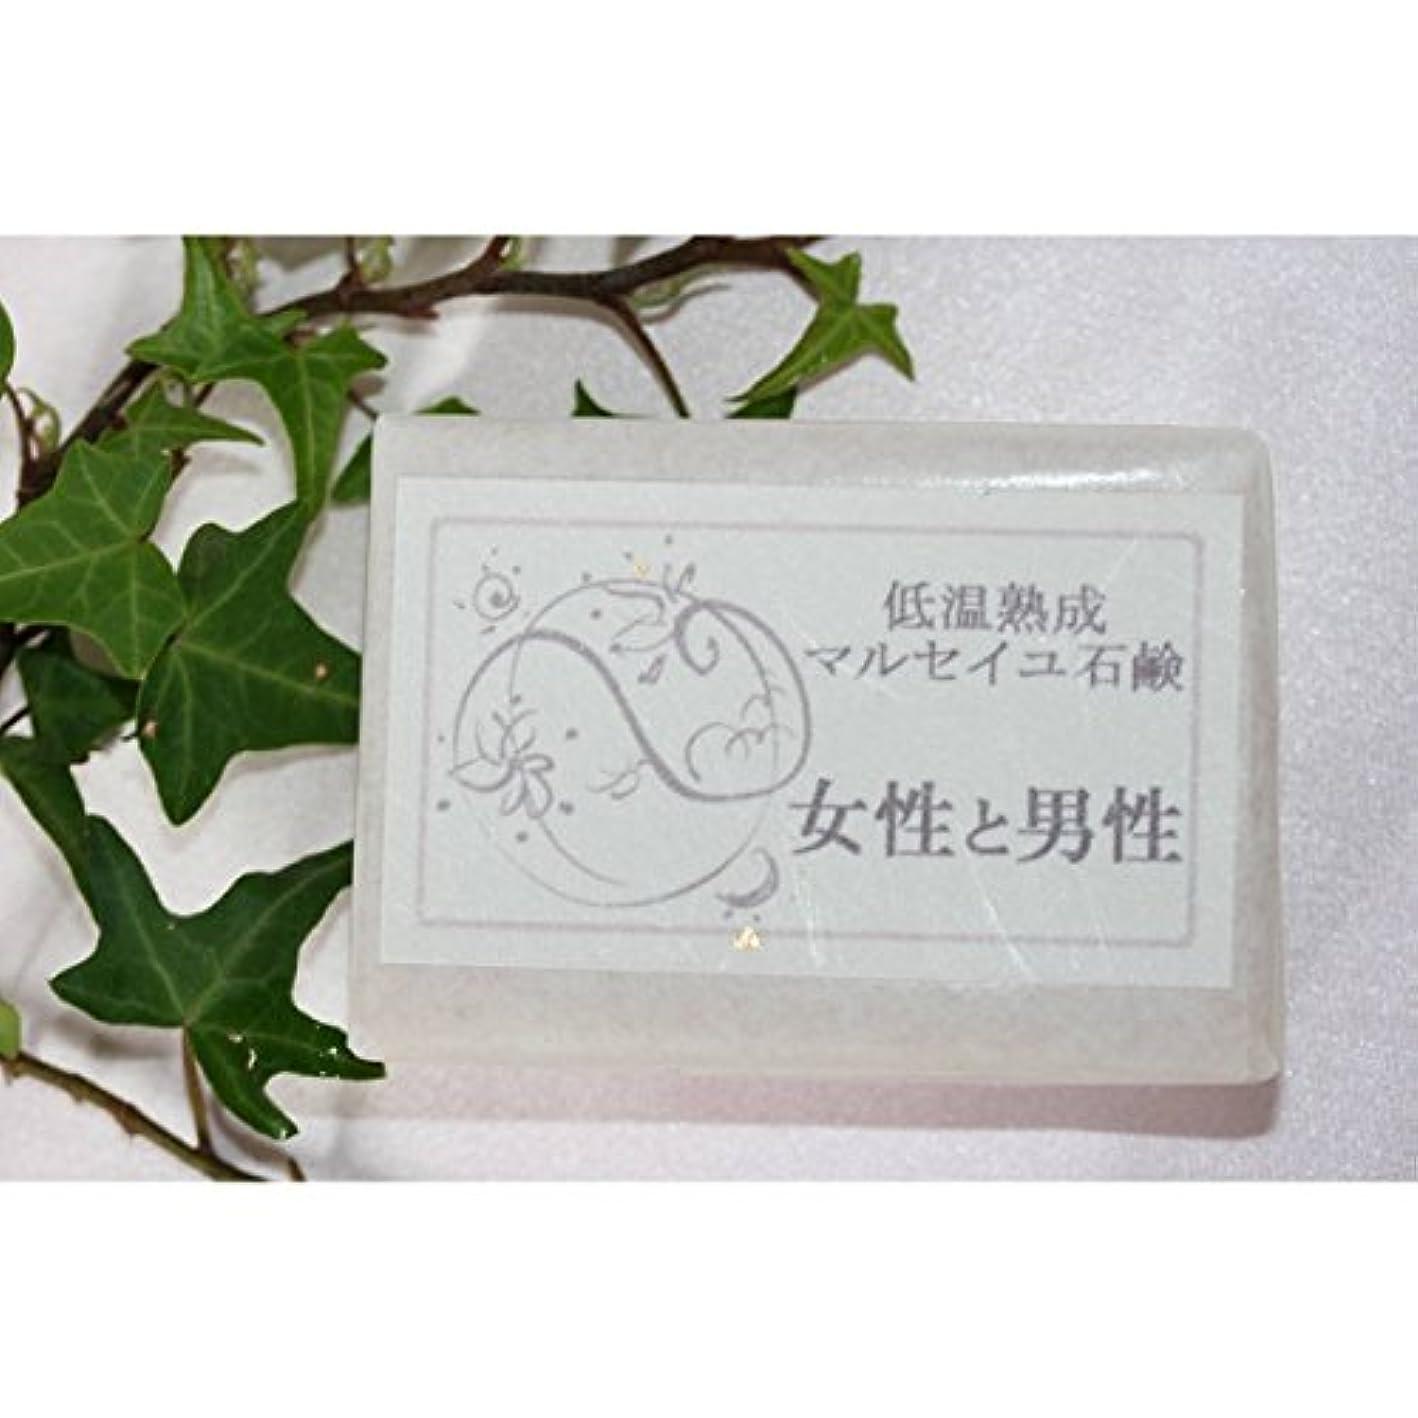 穴効率的にあいまいなマウントフジ フラワーエッセンス 低温熟成 マルセイユ石鹸 「女性と男性」 (MTFUJI FLOWER ESSENCES)